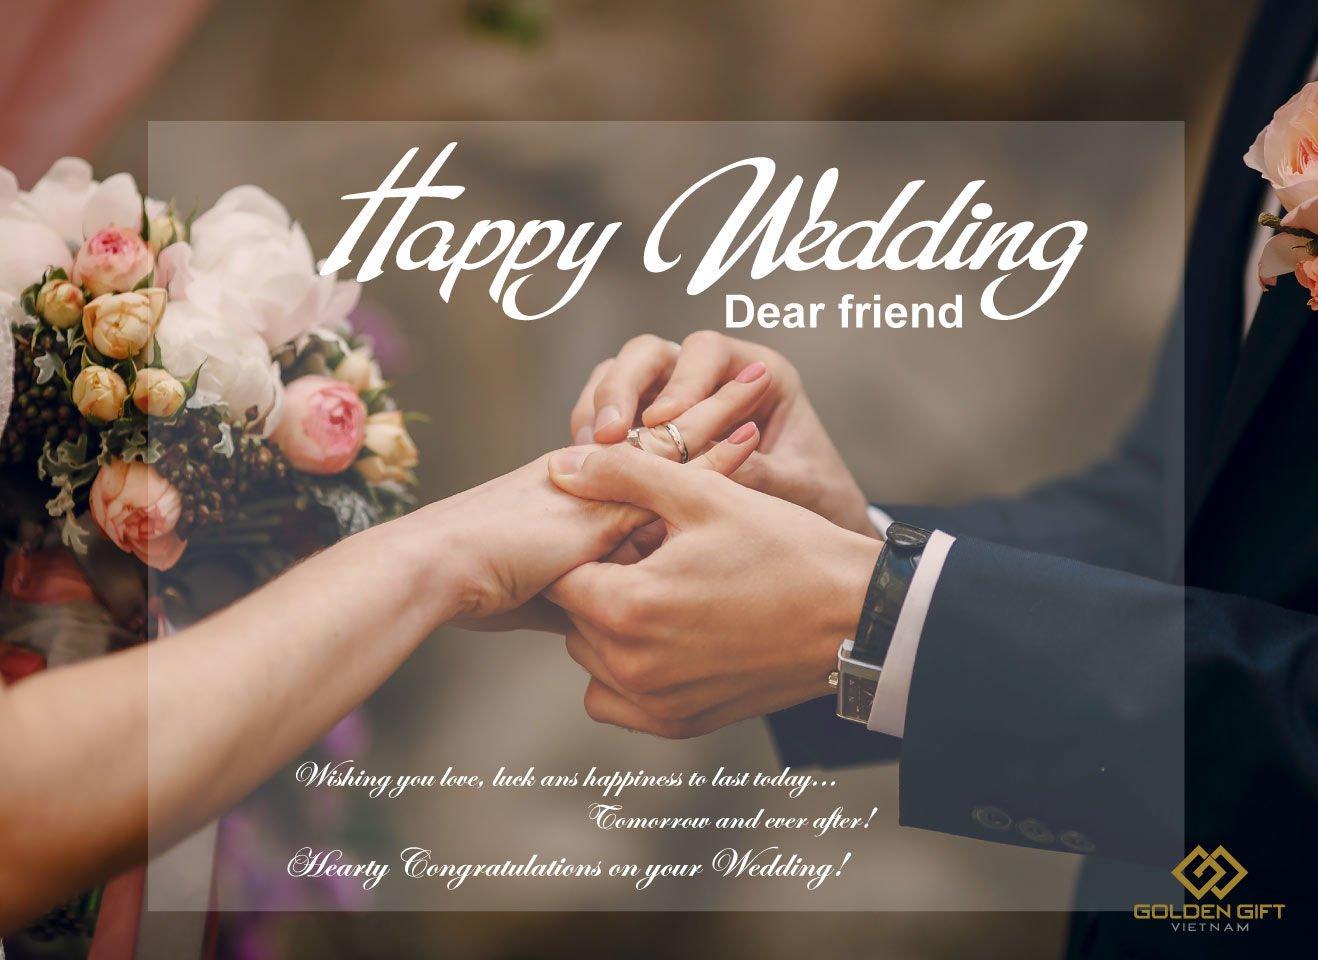 lời chúc đám cưới bạn bè, người thân, quà tặng mừng cưới, quà tặng mạ vàng